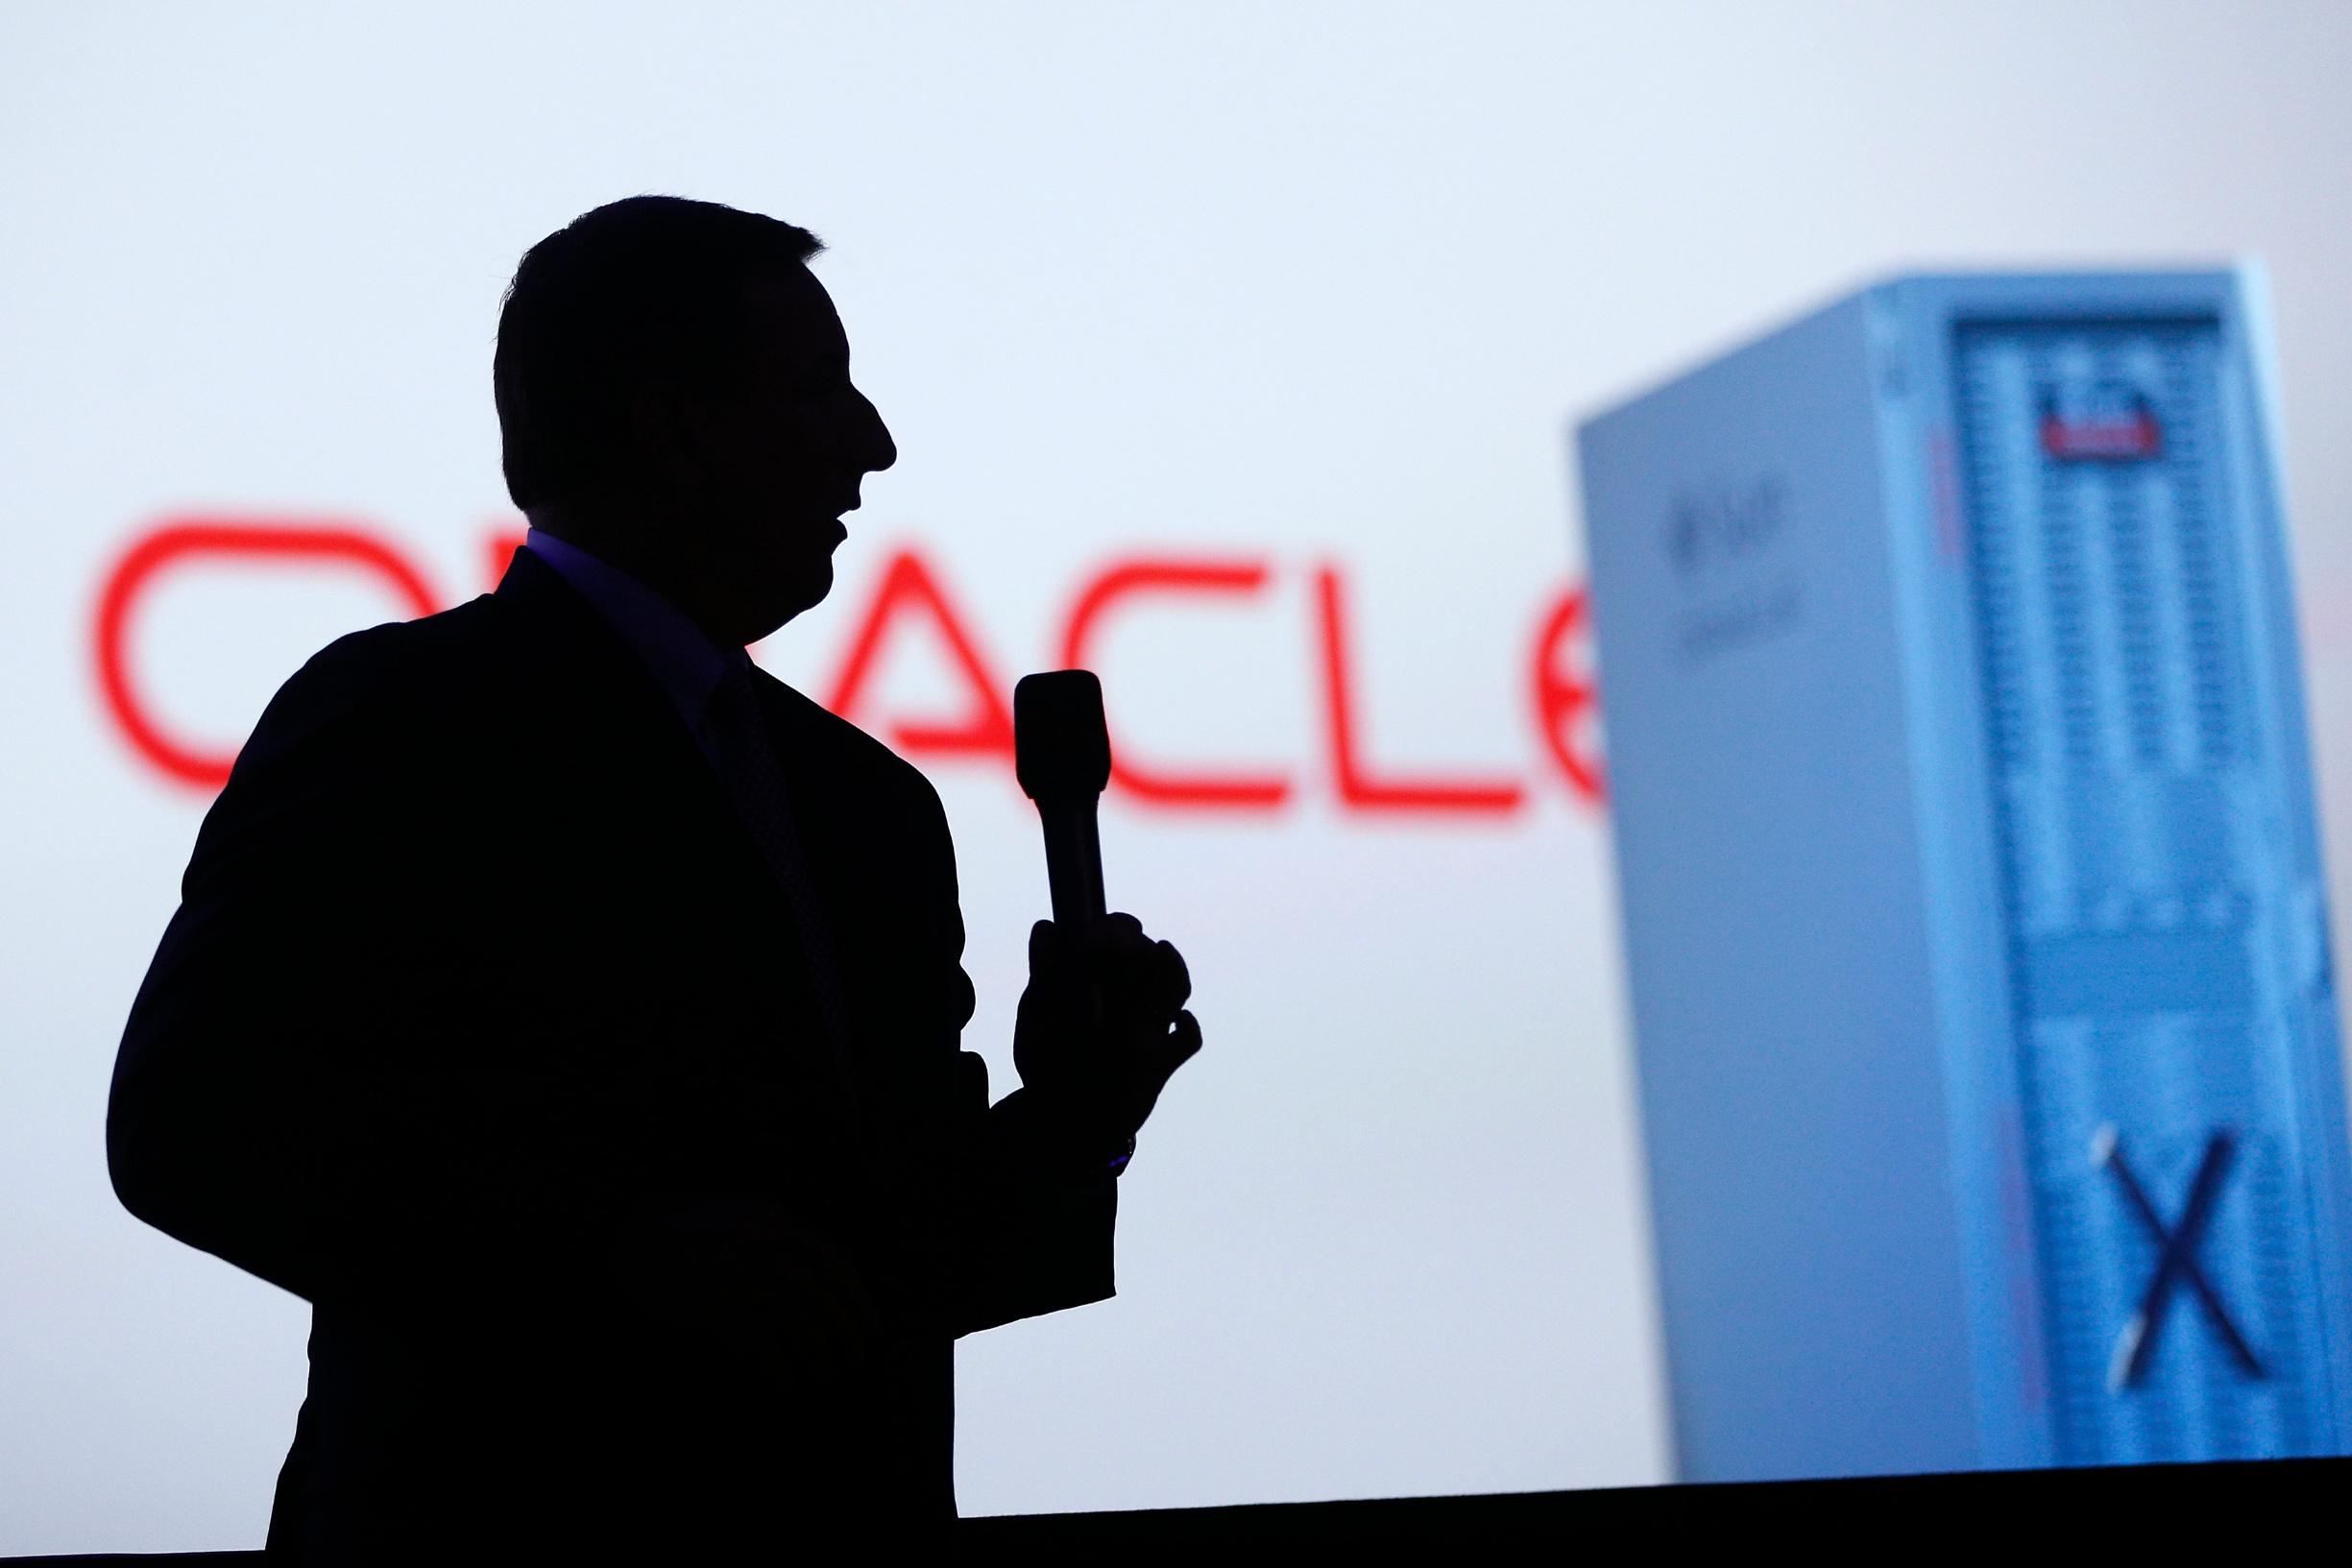 Mark Hurd, izvršni direktor Oraclea